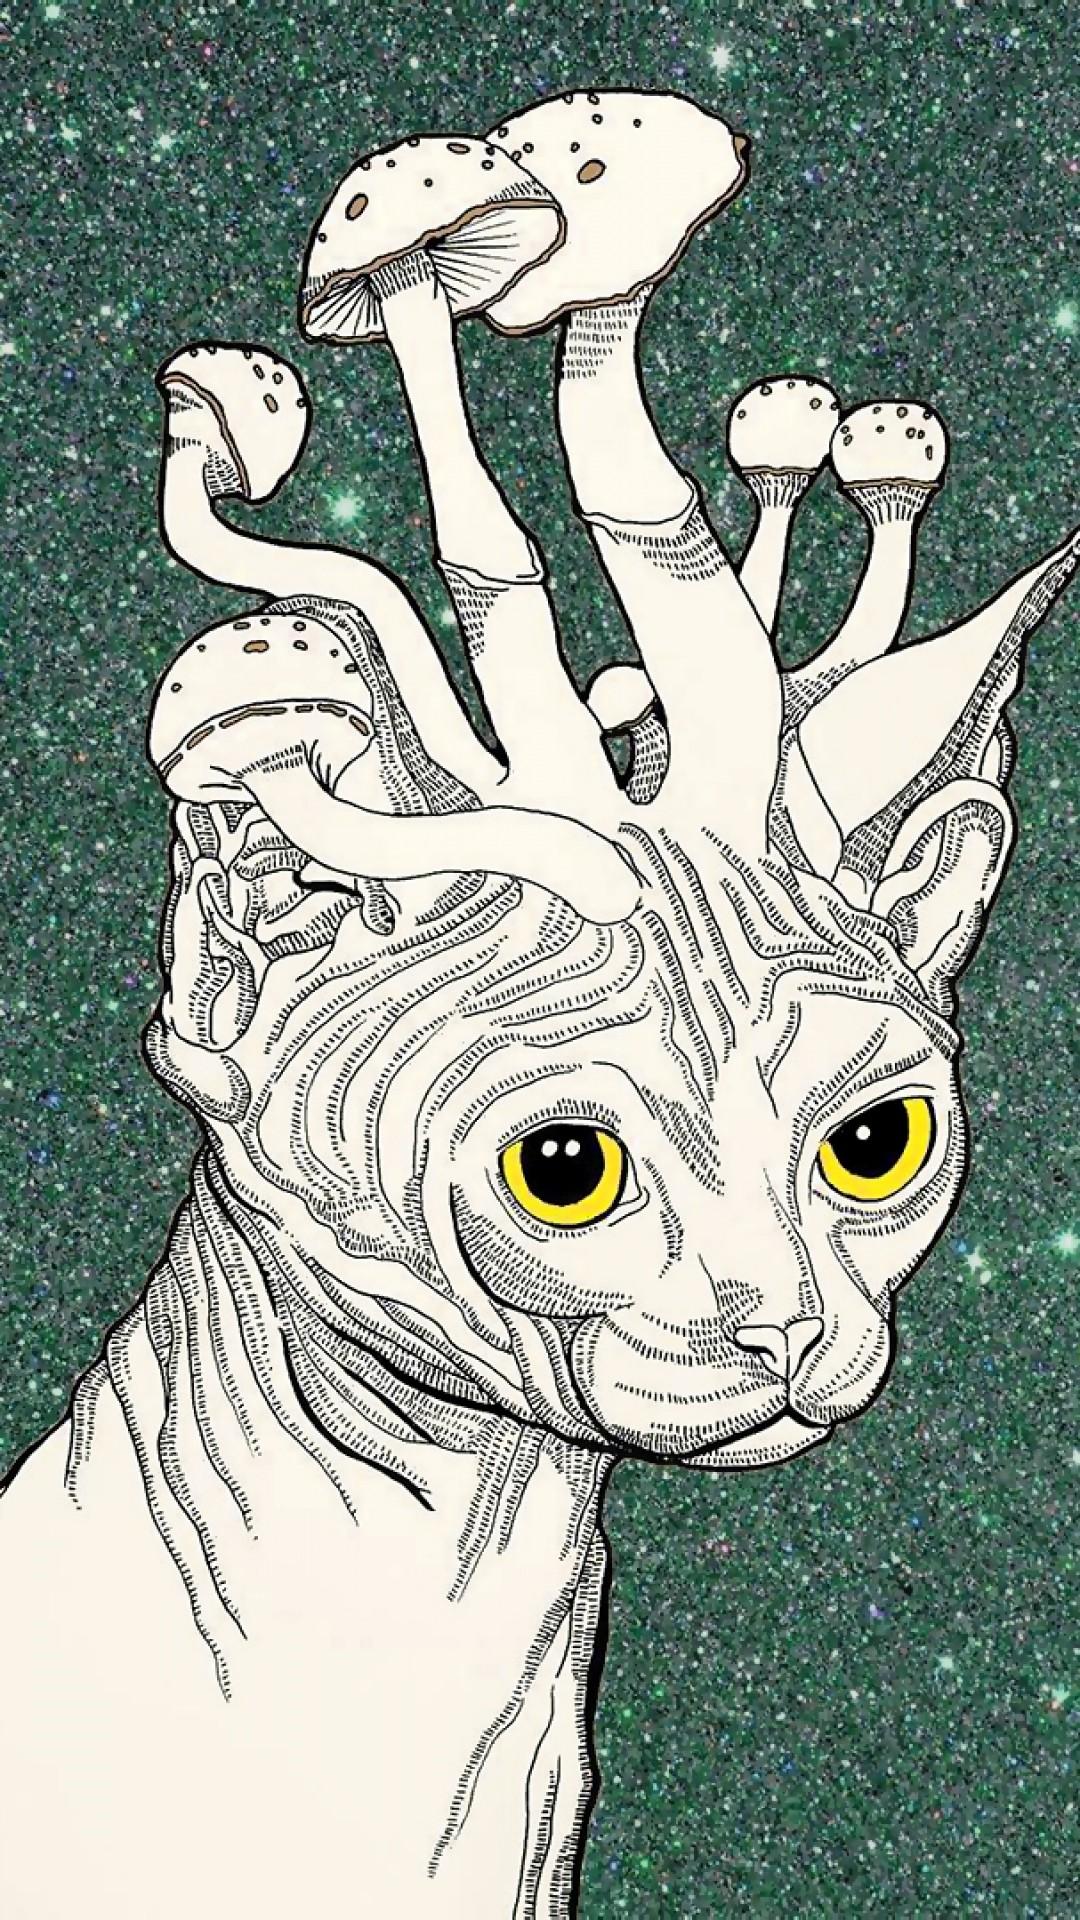 Wallpaper trippy stoner, cat, mushrooms, art